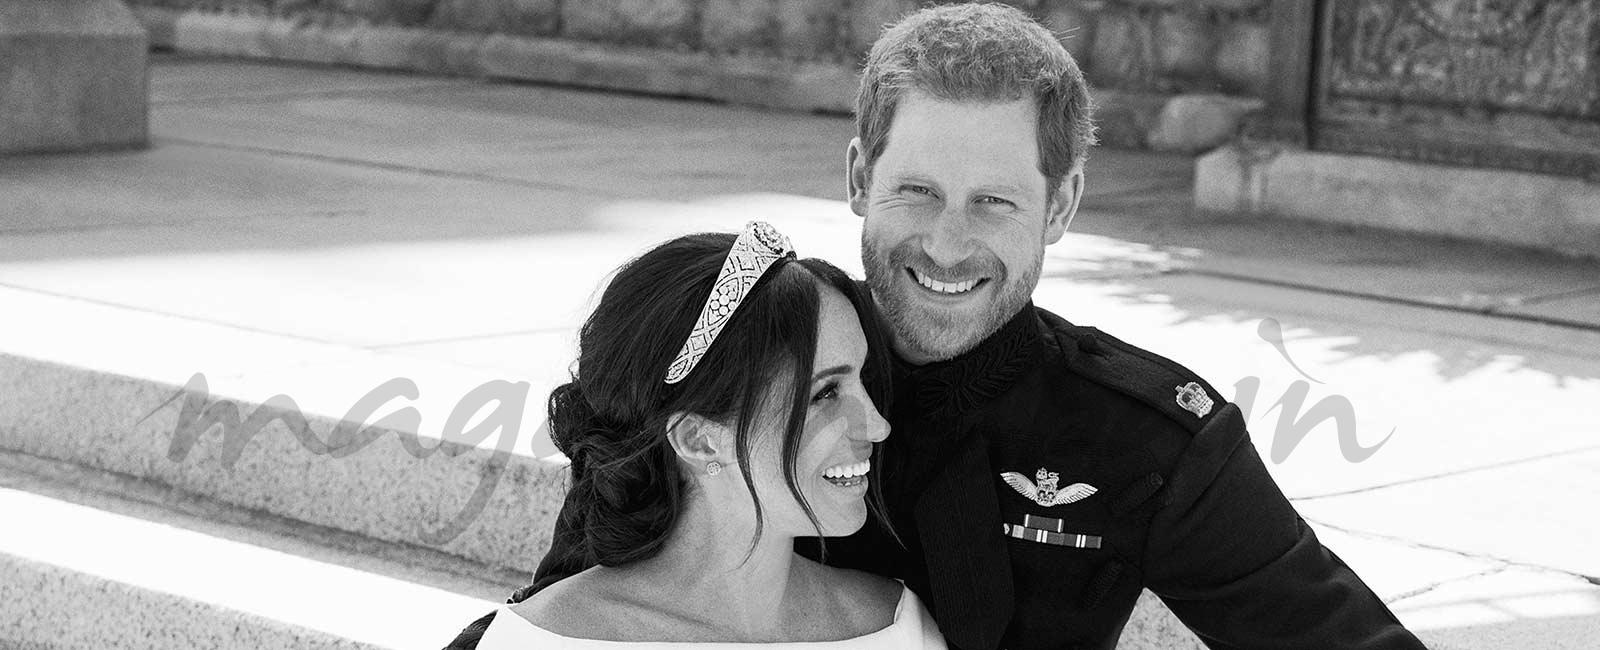 Las fotos oficiales de la boda de Meghan y Harry